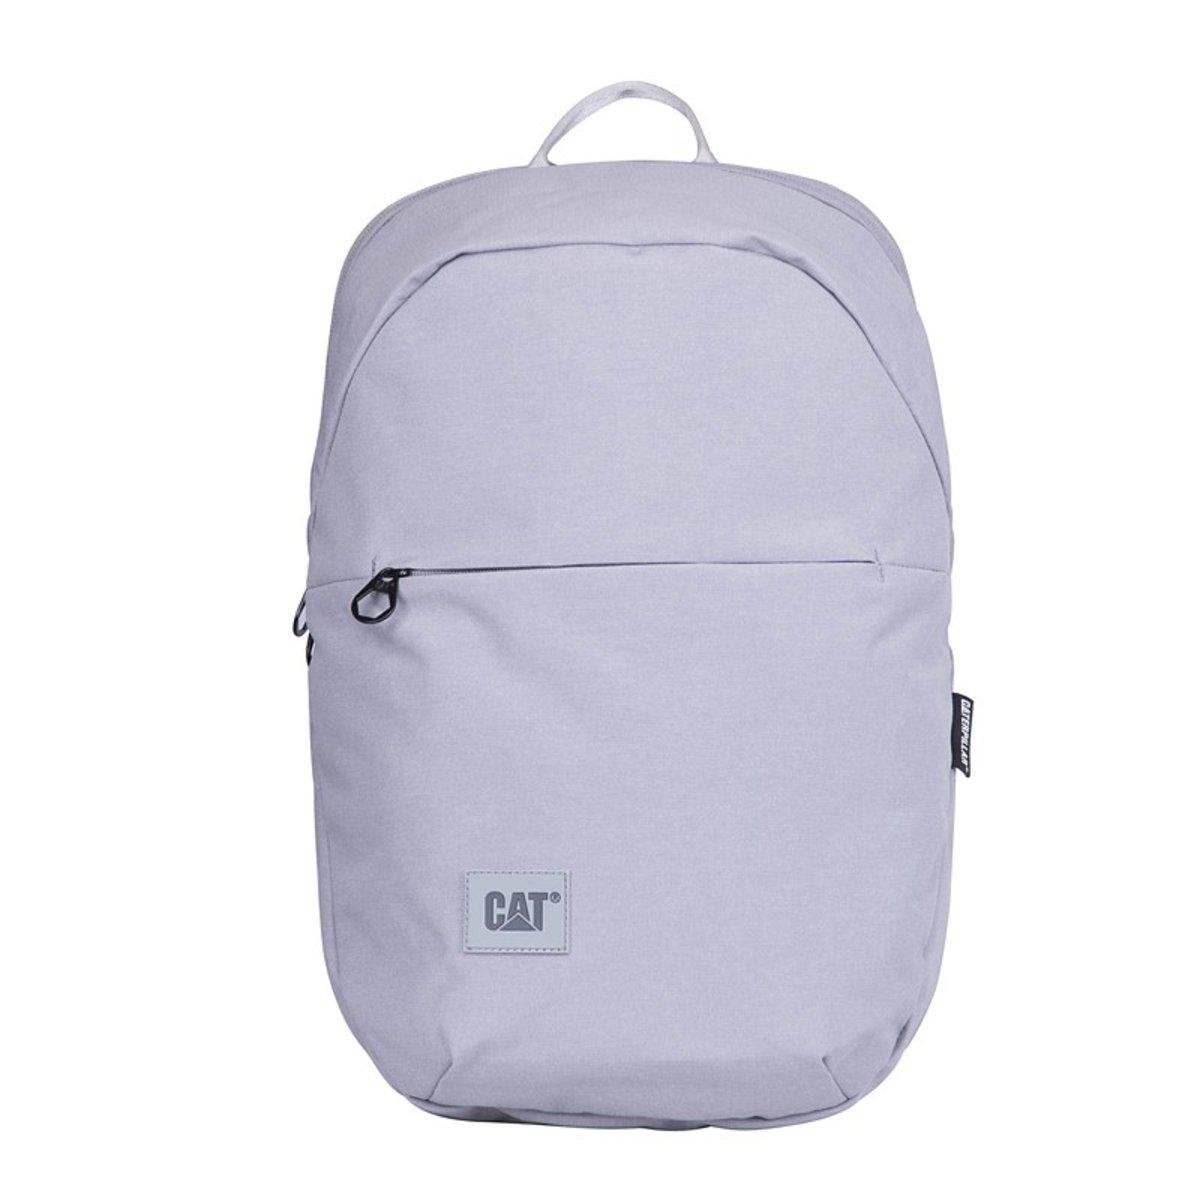 Mono Mod Backpack  - Grey